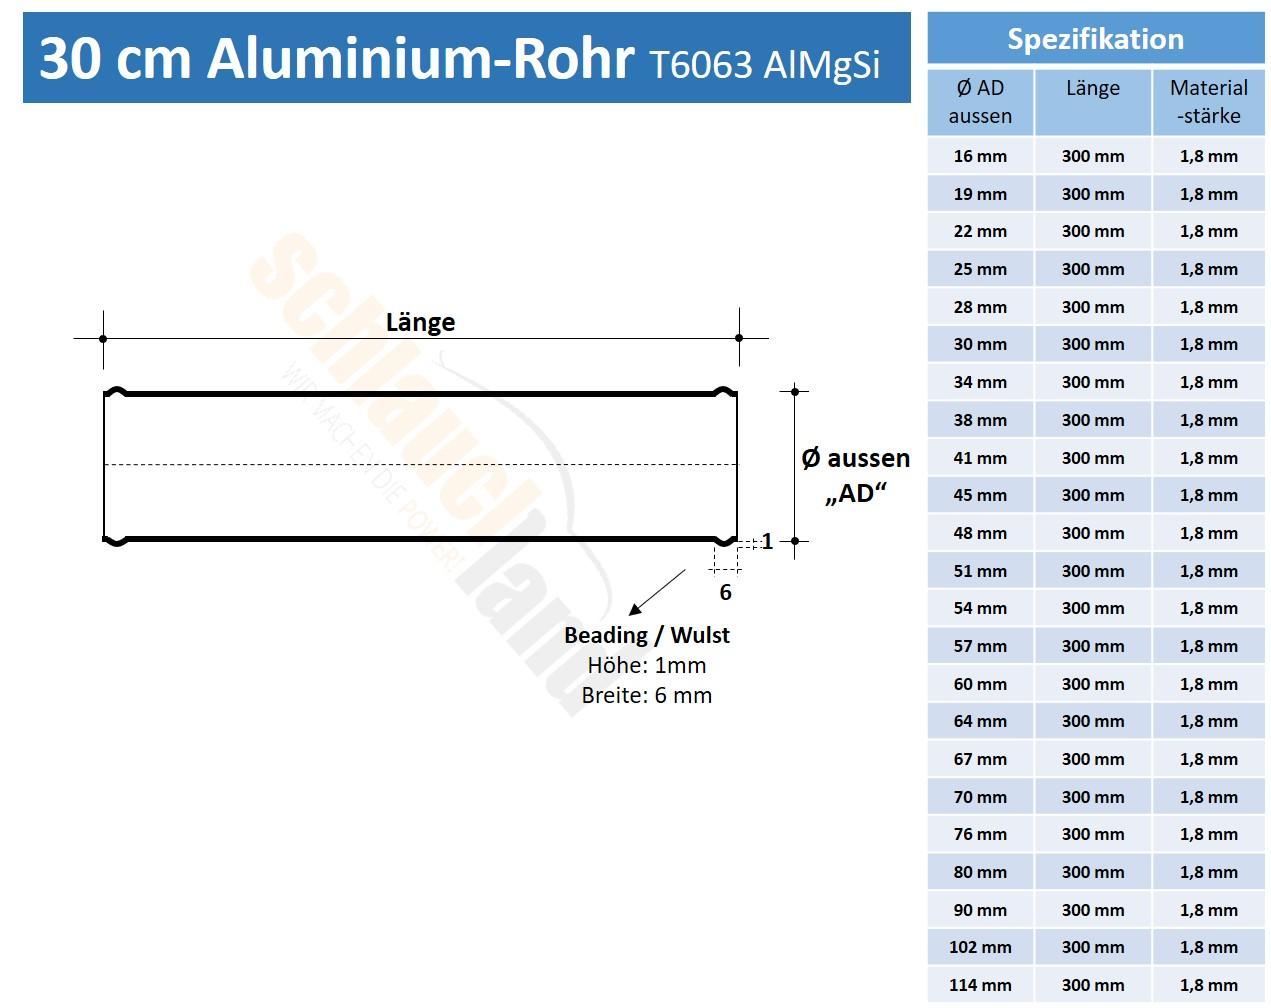 Datenblatt Alu-Rohr 30cm